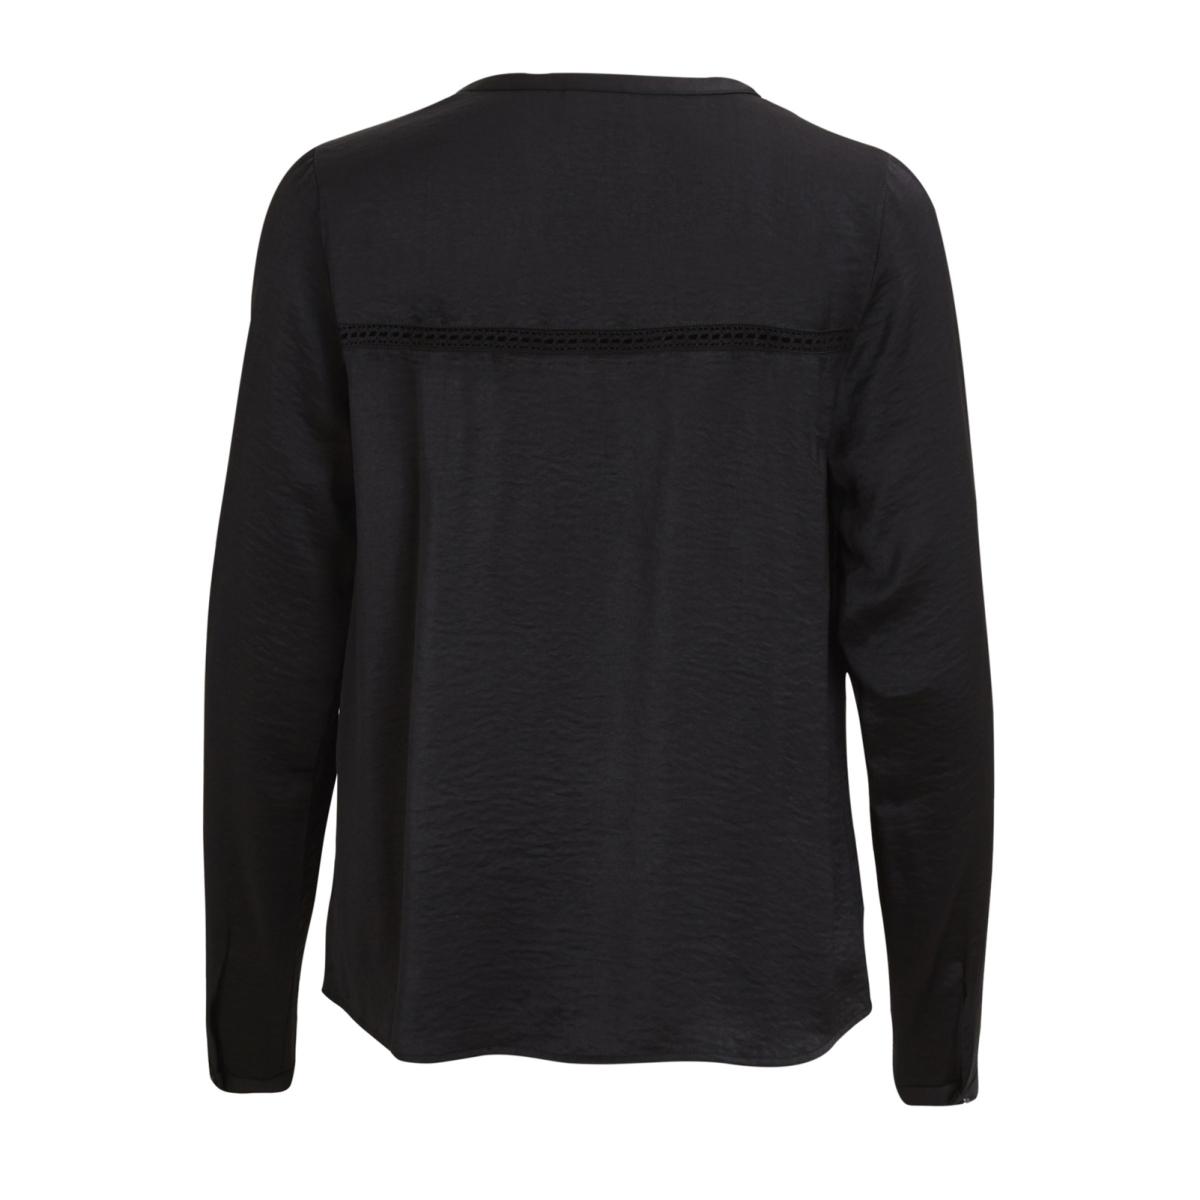 vicava l/s v-neck top-noos 14042801 vila blouse black